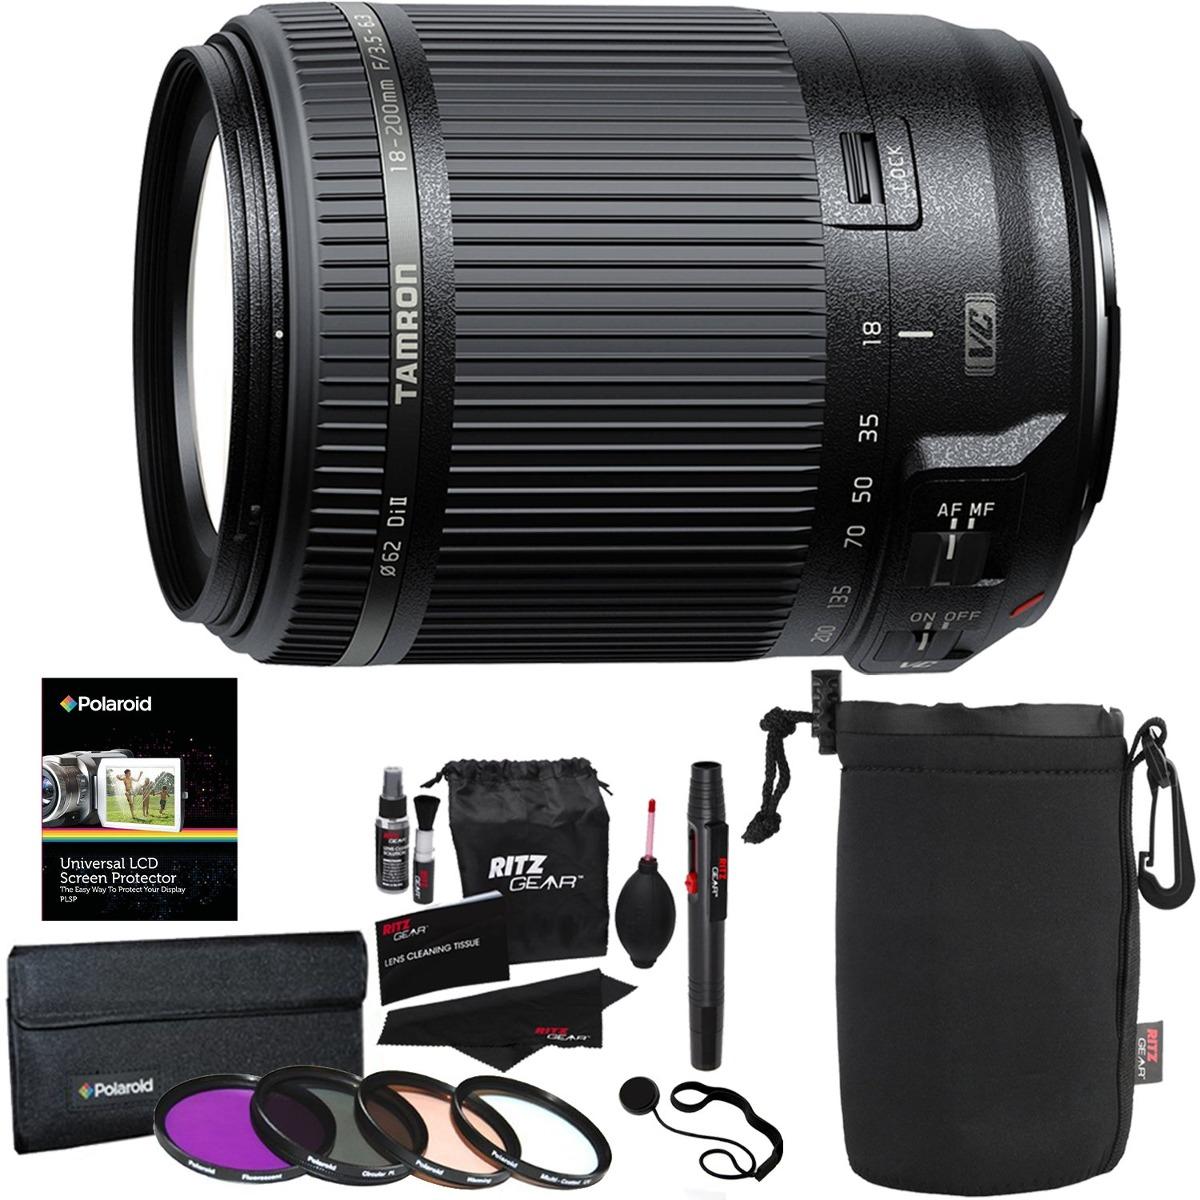 Tamron Af 18 200 Mm F 3 5 6 Di Ii Vc Todo En Uno Zoom Par 200mm 35 63 For Canon Nikon